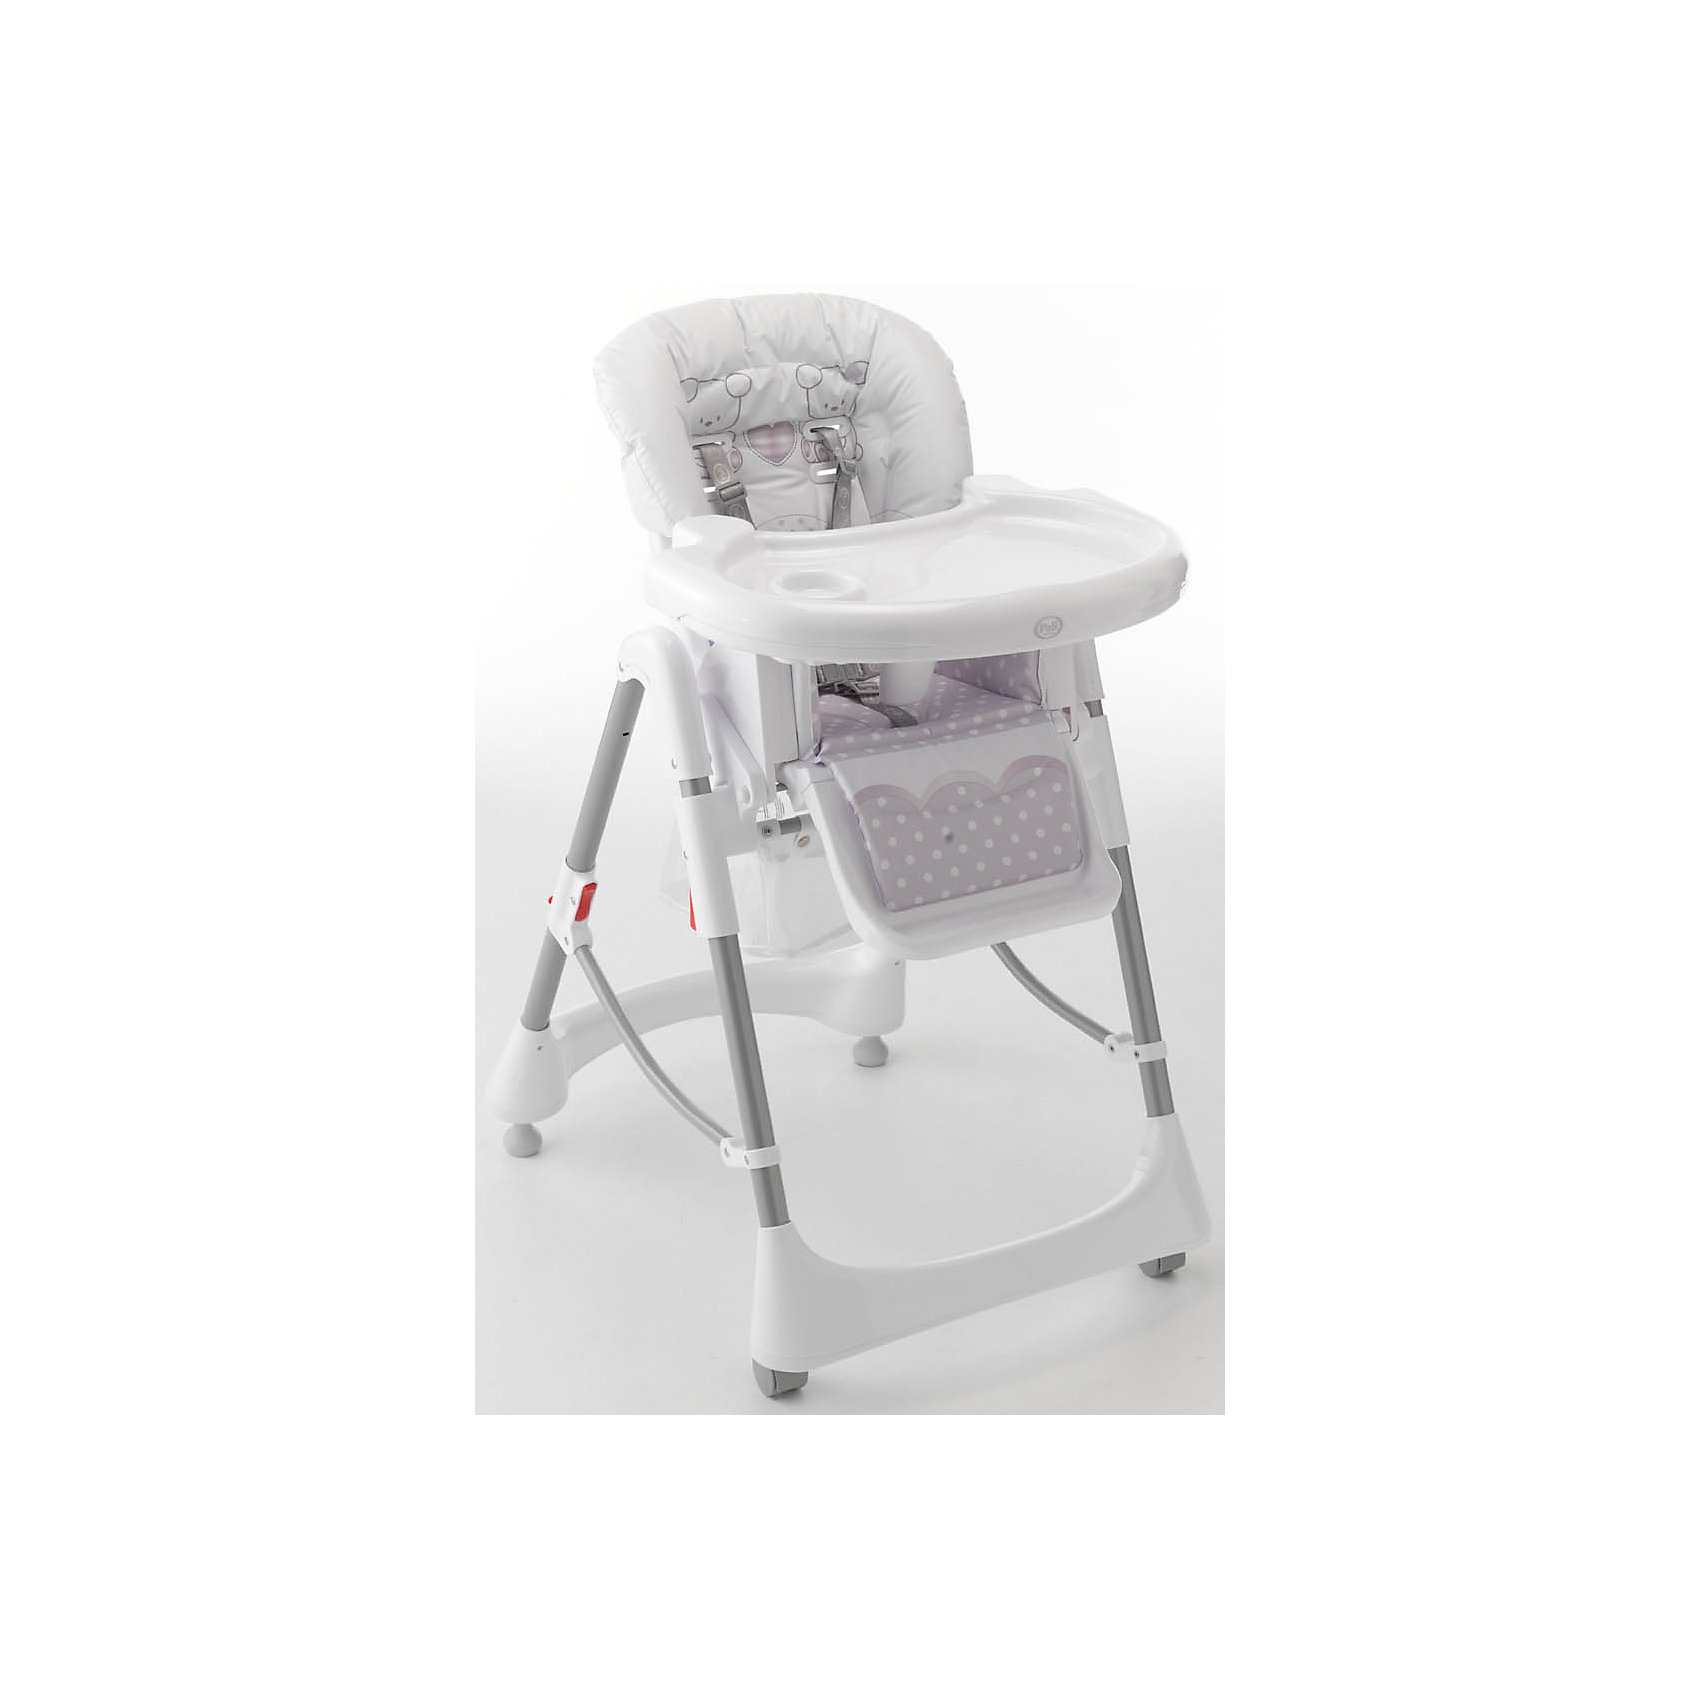 Стульчик для кормления Prestige, Pali, белыйОчень удобный и комфортный стульчик от итальянского бренда Pali (Пали) (Пали) обязательно понравится малышам! Мягкое сиденье с регулируемой спинкой, страховочными ремнями и удобным разделителем для ног обеспечит крохе комфорт и безопасность. Стульчик имеет колесики, облегчающие перемещение по квартире; удобную подставку для ножек ребенка; съемный стол с отверстием под стакан. Стул выполнен в приятной цветовой гамме, изготовлен из высококачественных прочных и экологичных материалов. <br><br>Дополнительная информация:<br><br>- Материал: пластик, металл, <br>- Размер: 58х82х107 см.<br>- Размер в сложенном виде: 40х55х120 см.<br>- Колесики.<br>- Регулируемый наклон спинки (2 положения).<br>- Компактно складывается.<br>- Съемный стол (3 положения).<br>- Регулируемая подножка.<br>- 5-ти точечные ремни безопасности.<br>- Чехол снимается и легко моется.<br><br>Стульчик для кормления Gigi&amp;Lele (Джиджи Леле), Pali (Пали), белый, можно купить в нашем магазине.<br><br>Ширина мм: 1040<br>Глубина мм: 480<br>Высота мм: 120<br>Вес г: 11500<br>Возраст от месяцев: 6<br>Возраст до месяцев: 36<br>Пол: Унисекс<br>Возраст: Детский<br>SKU: 4443712